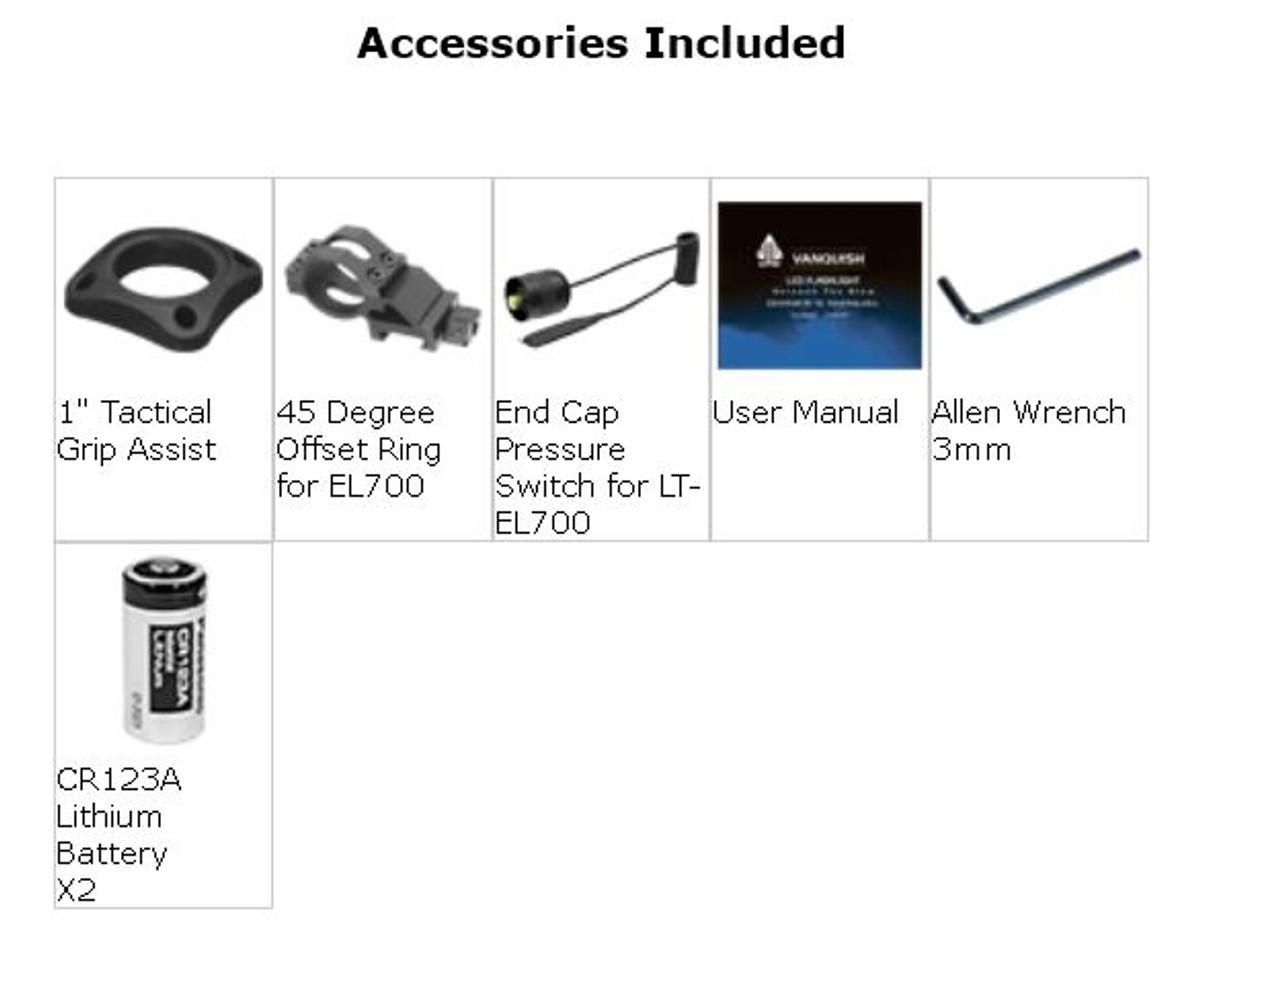 LT-EL700 UTG LIBRE Intensity Adjustable LED Flashlight, 700 Lumen